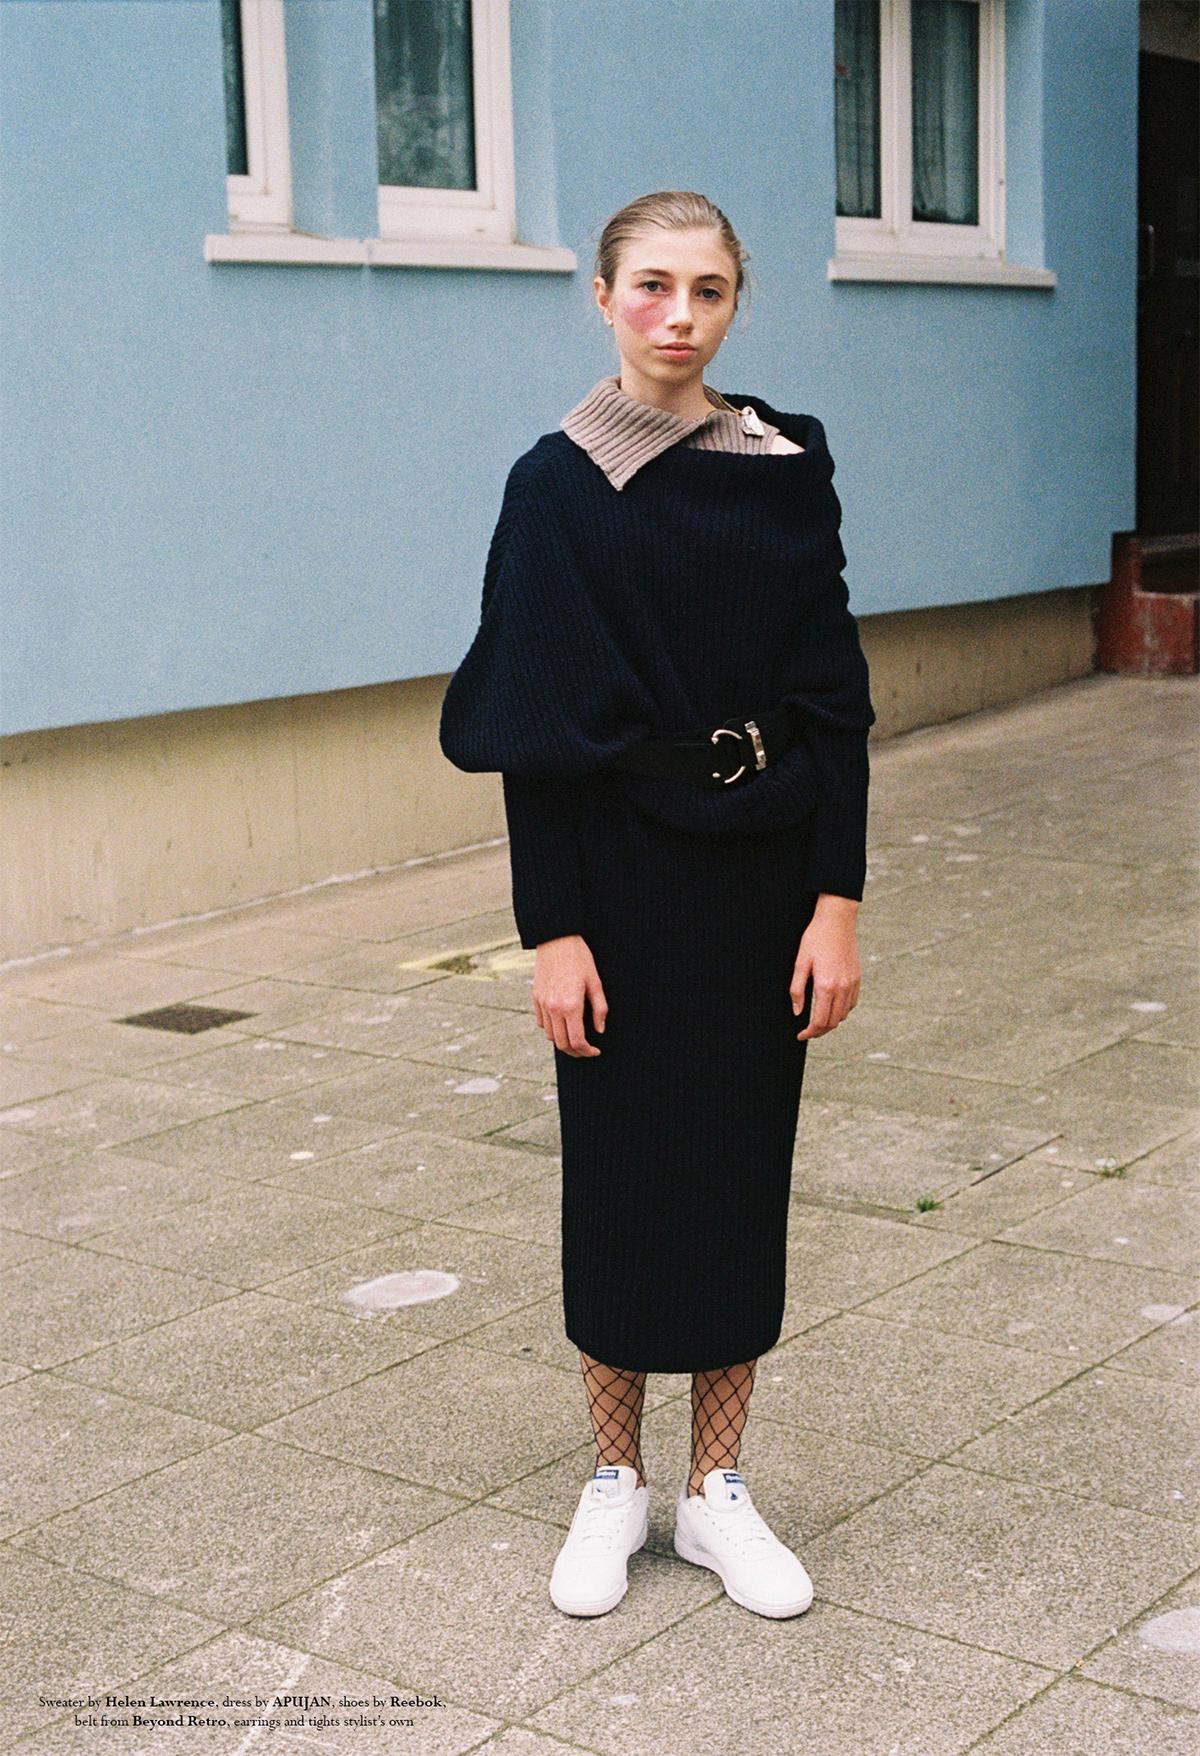 Phoebe for Pylot Magazine